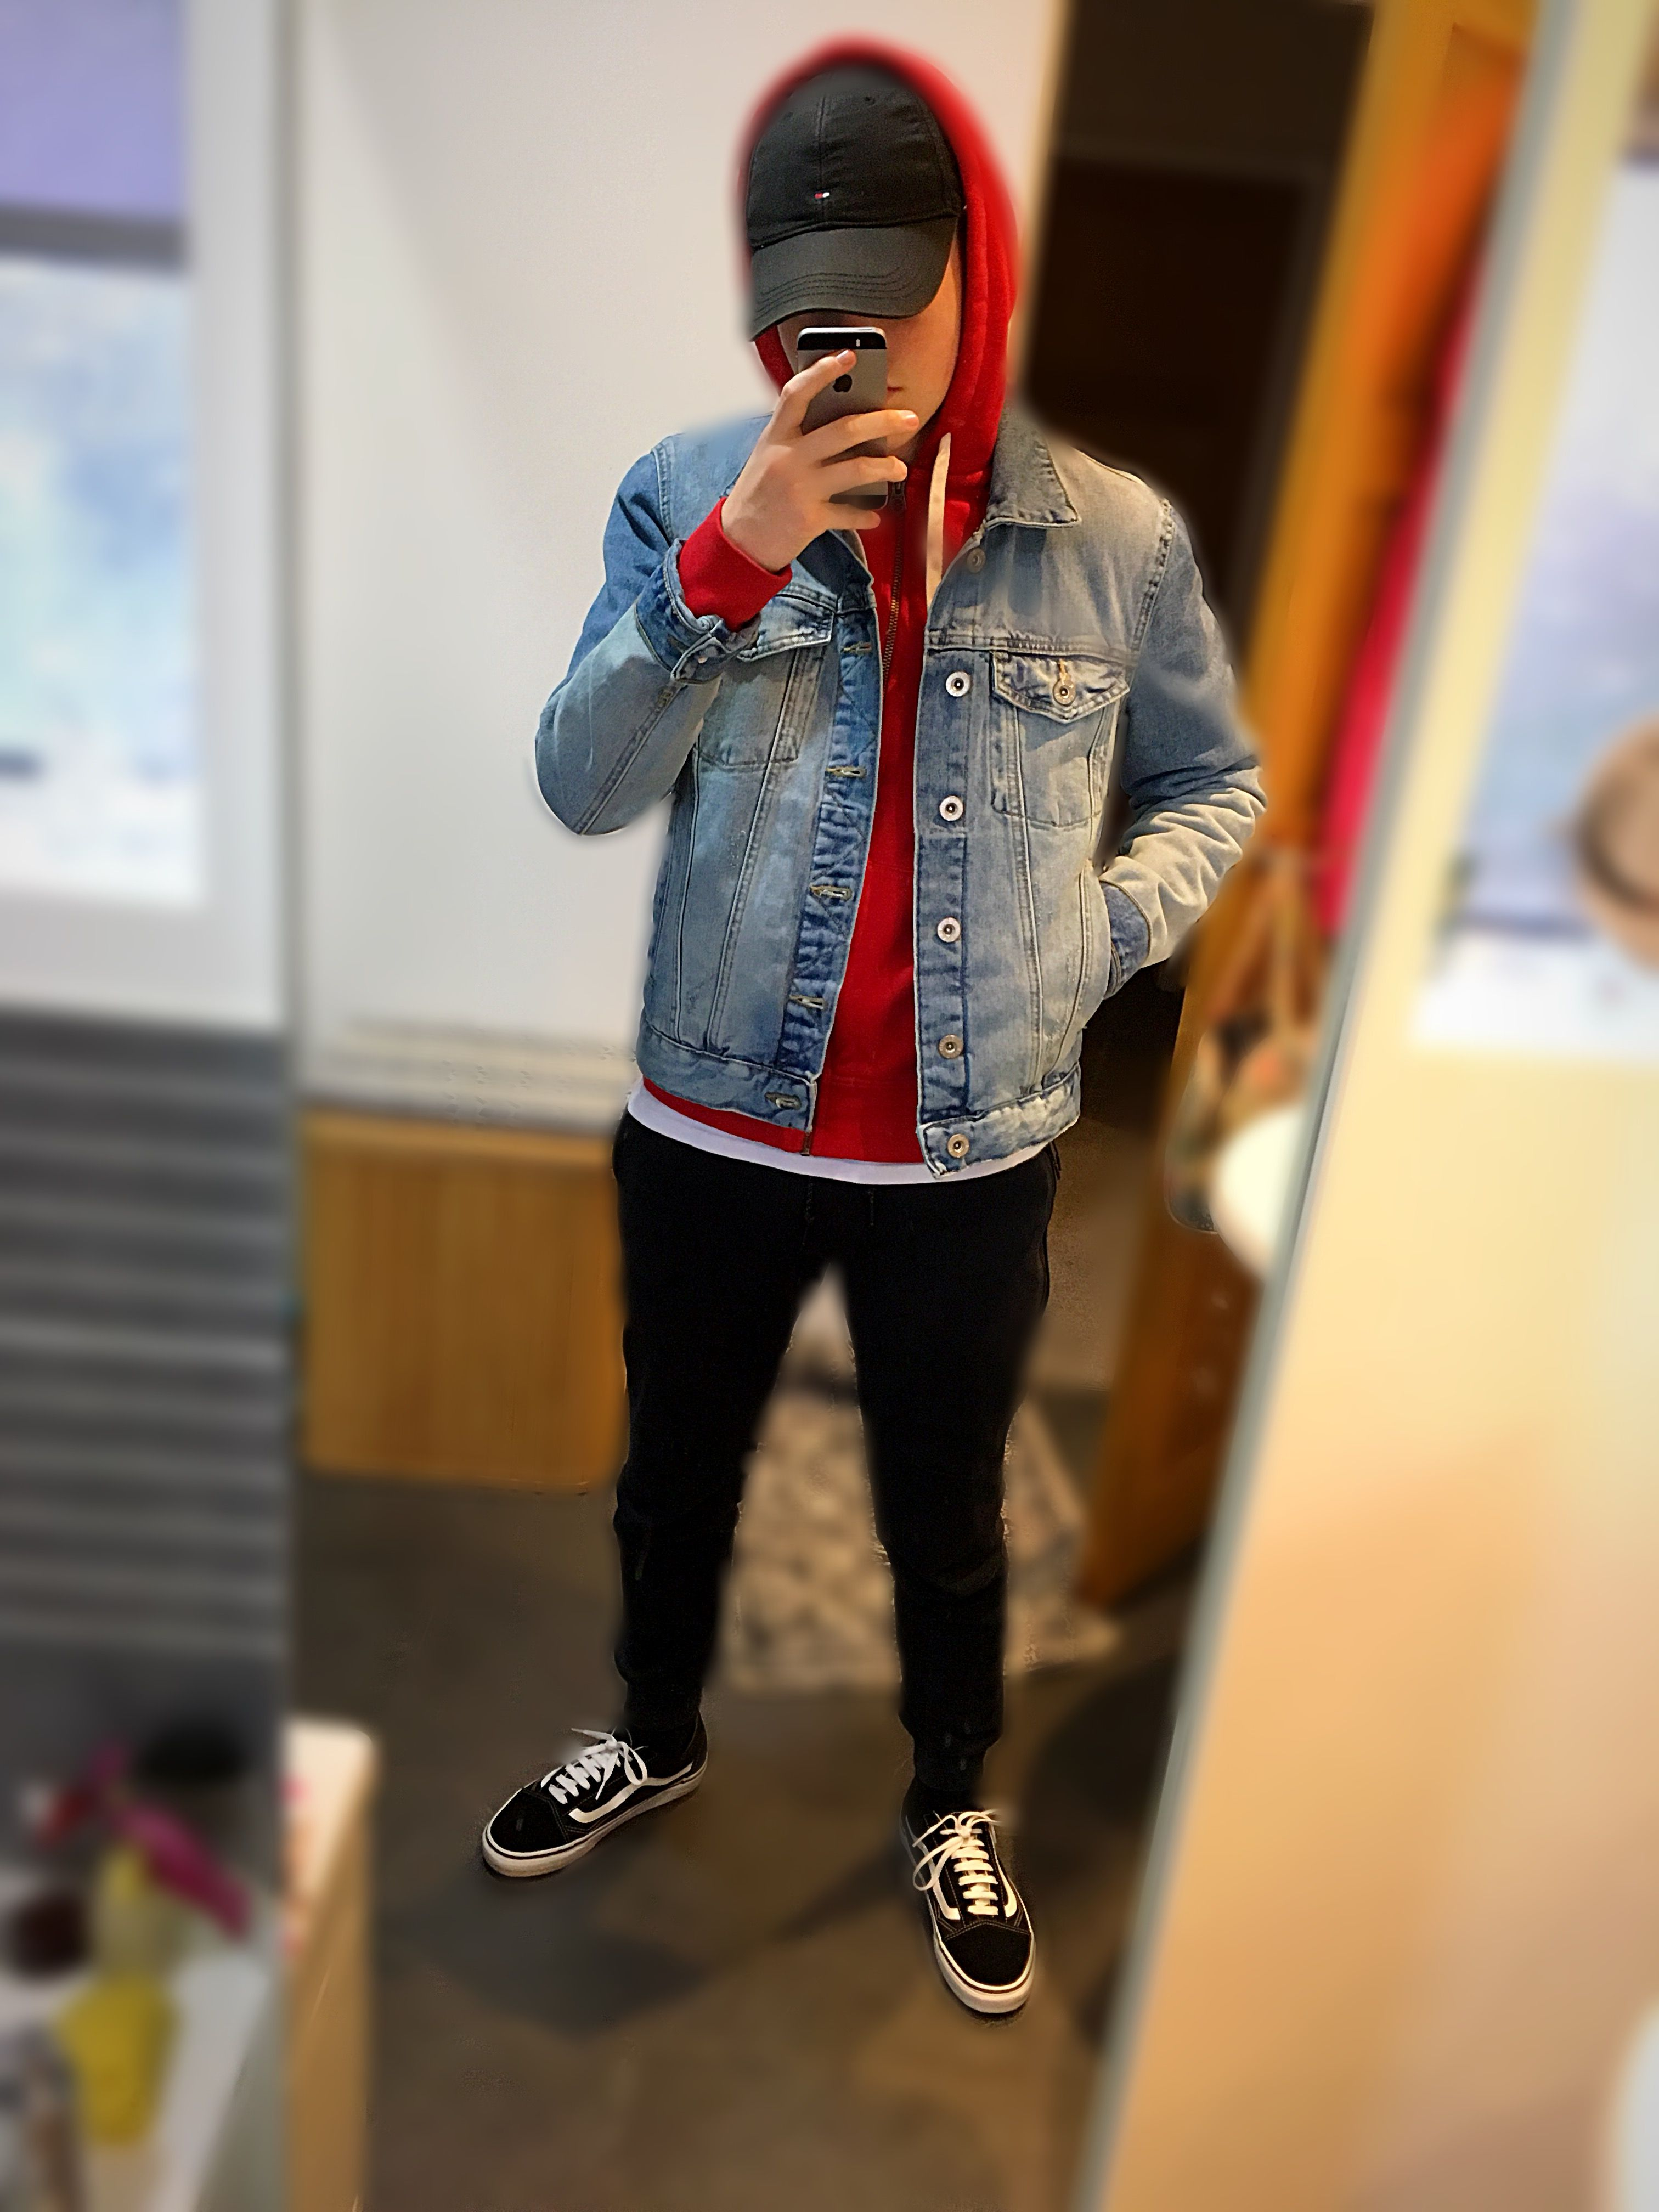 Red Ralph Lauren Hoodie Denim Jacket Black Joggers Old Skool B W Vans White T Shirt Black Hilfiger Cap